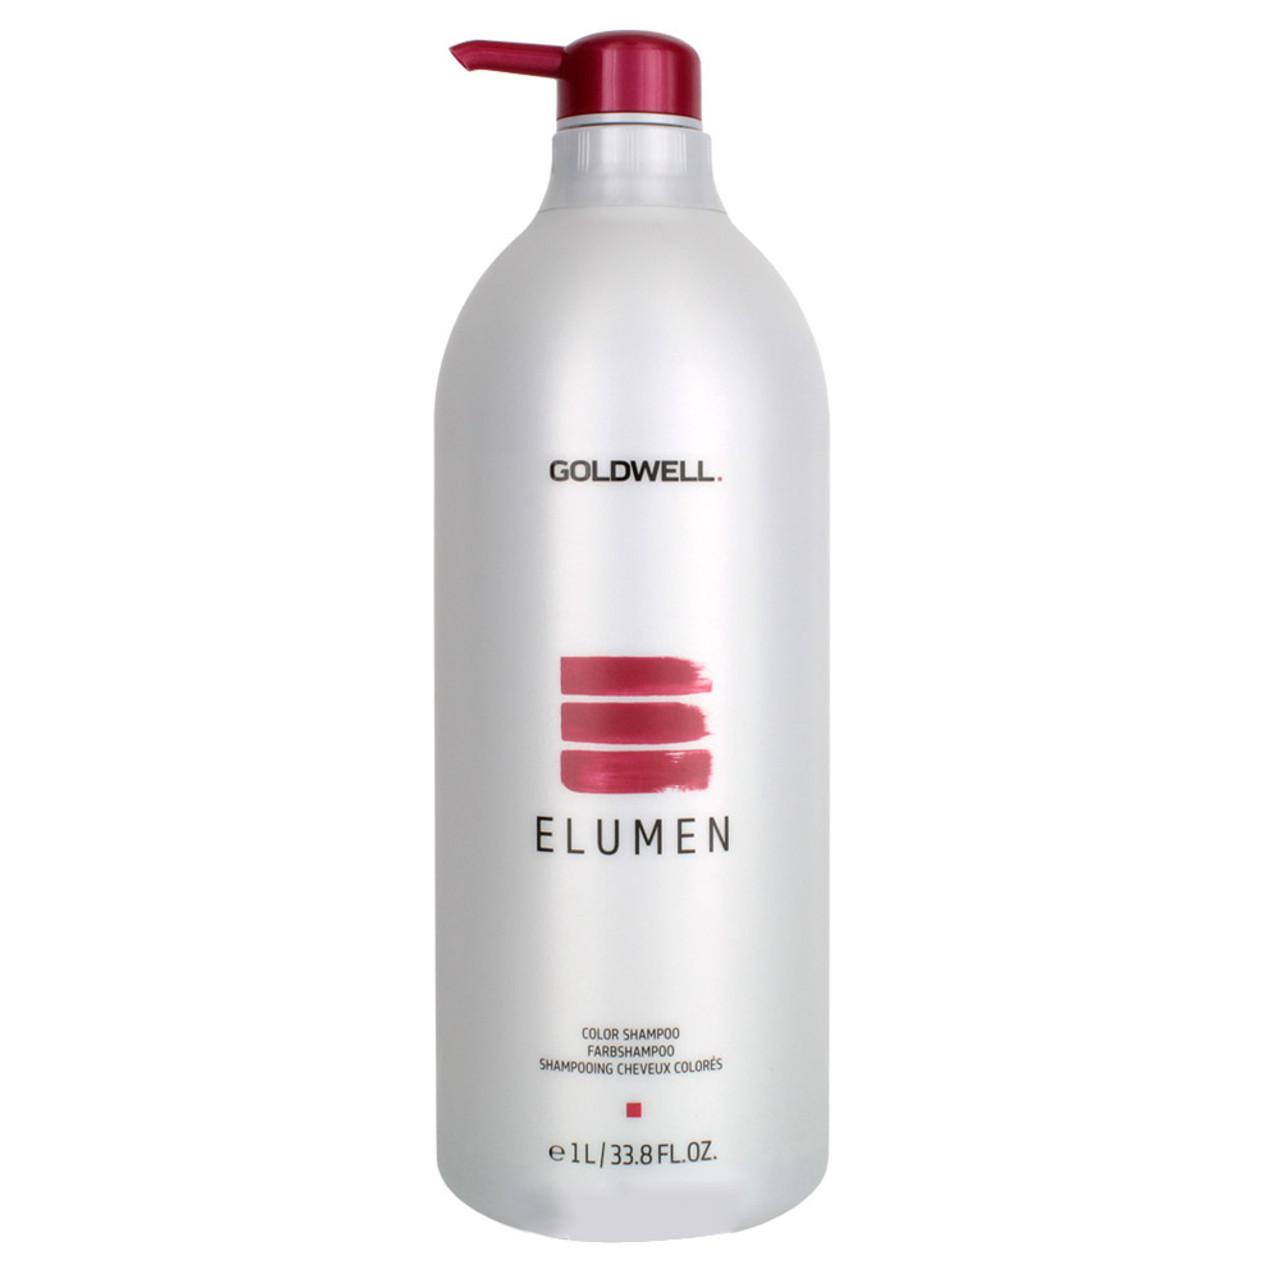 Goldwell Elumen Color Shampoo 33.8 Oz